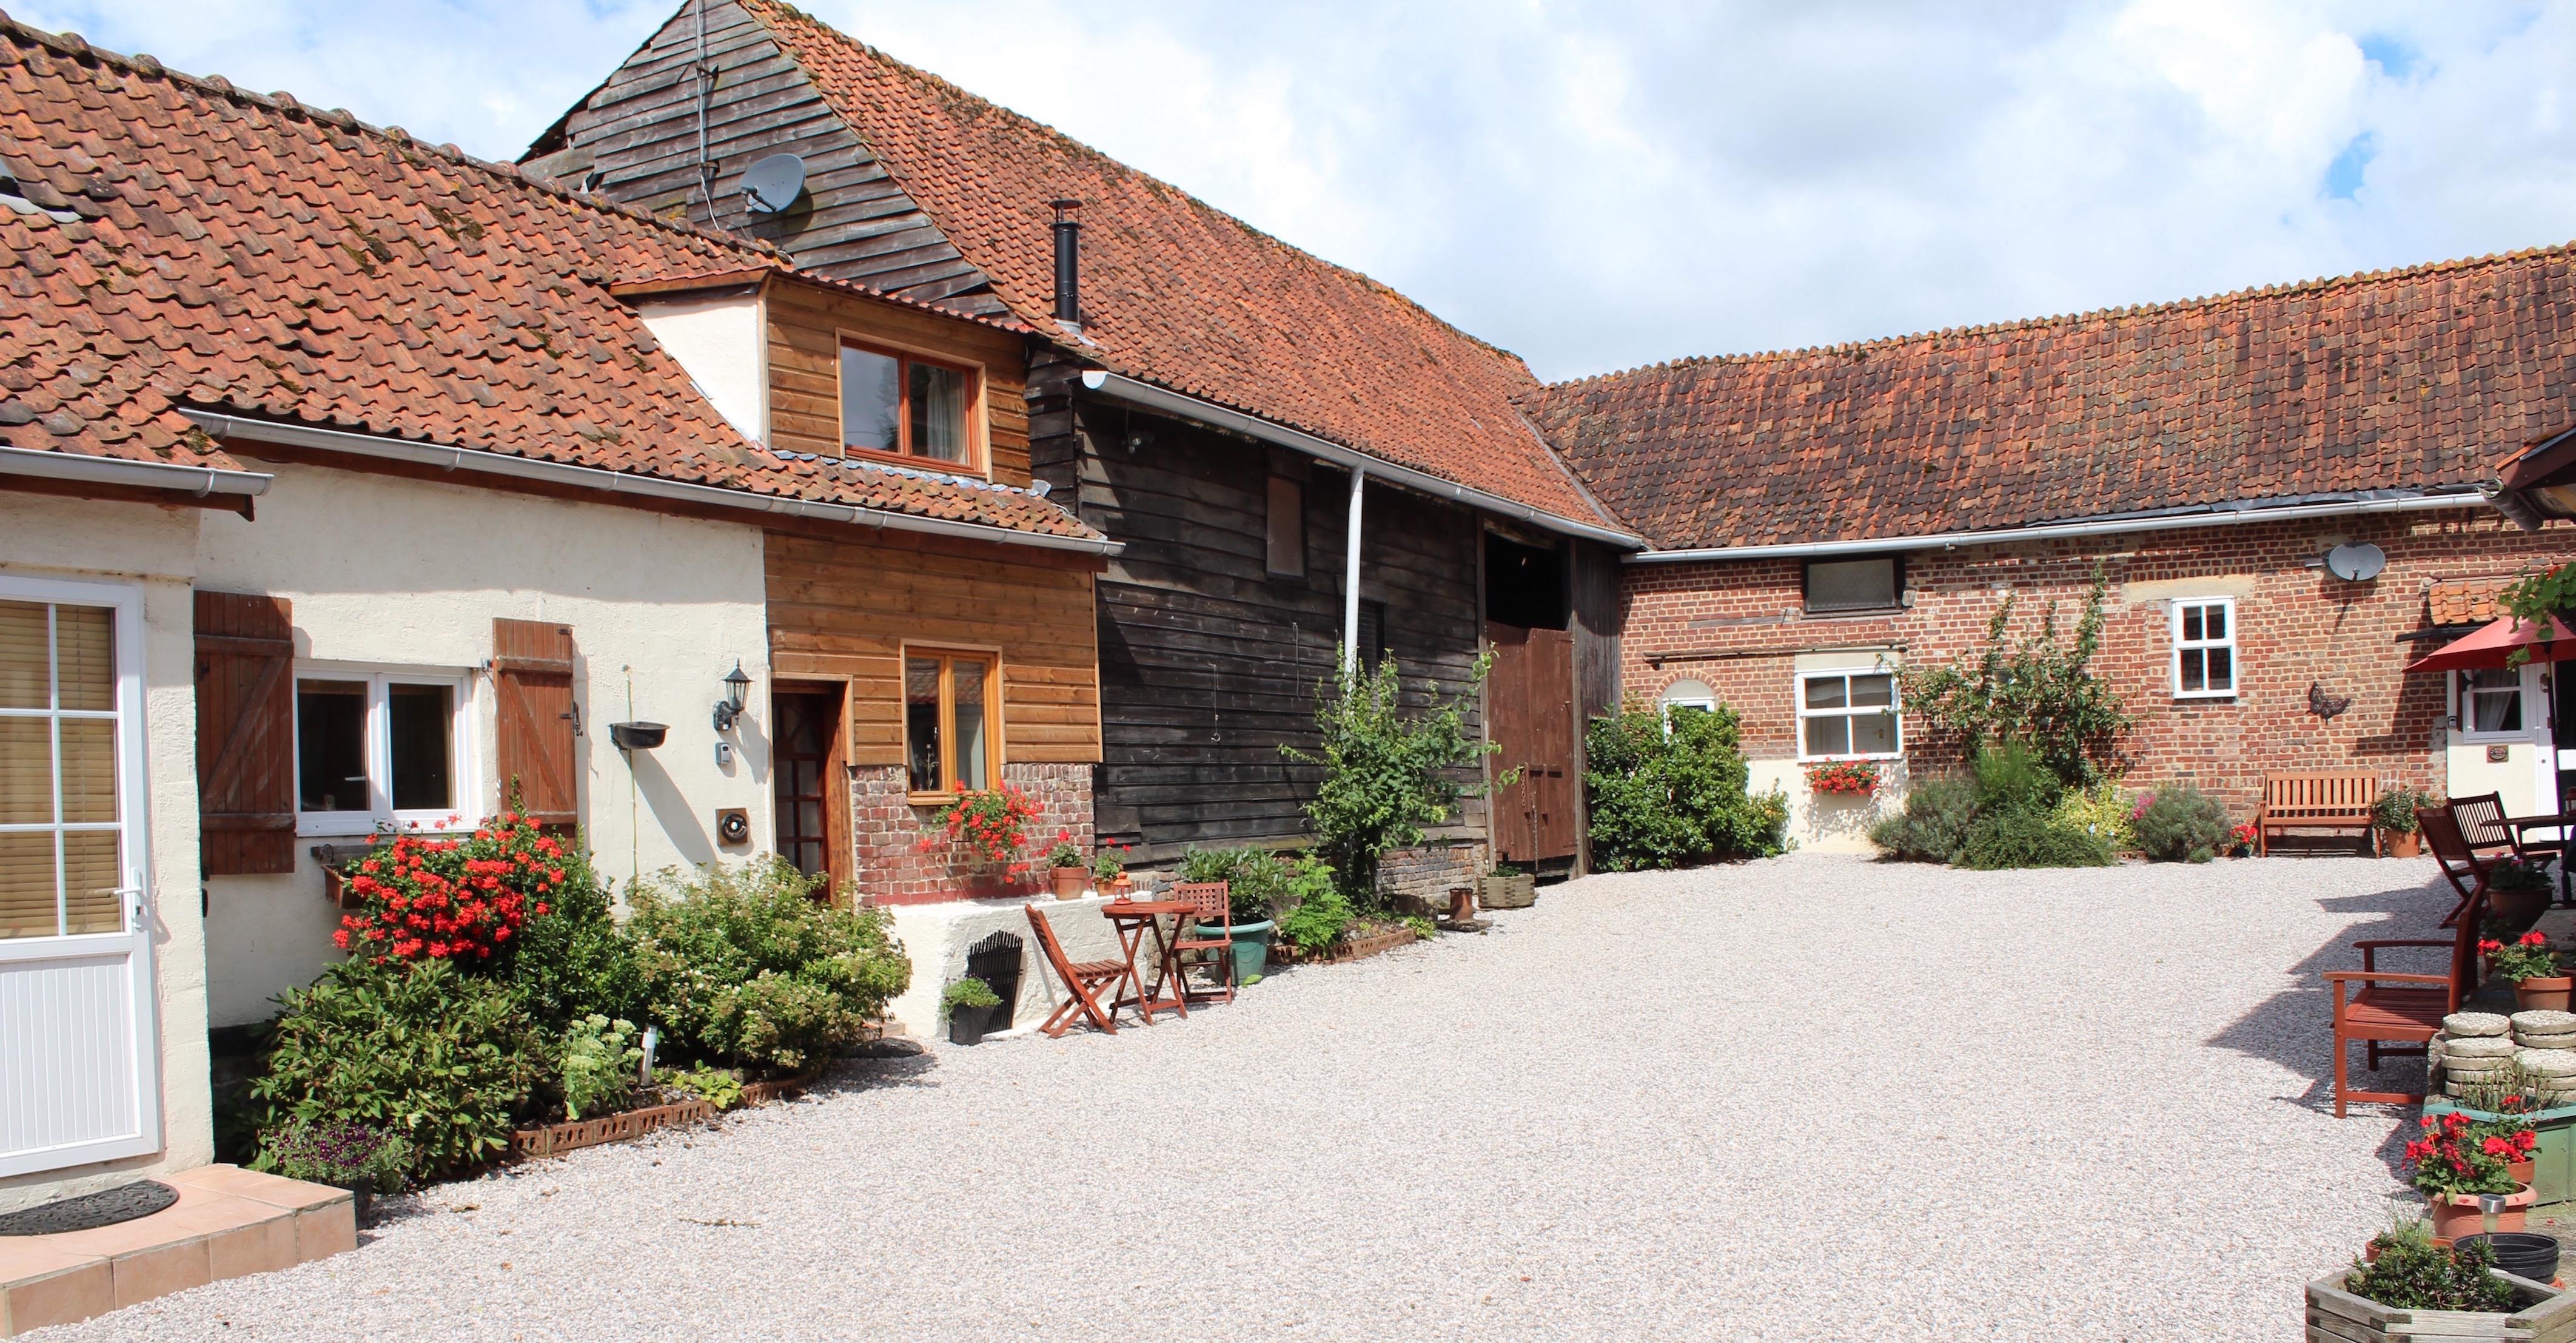 Le Petit Hameau Courtyard